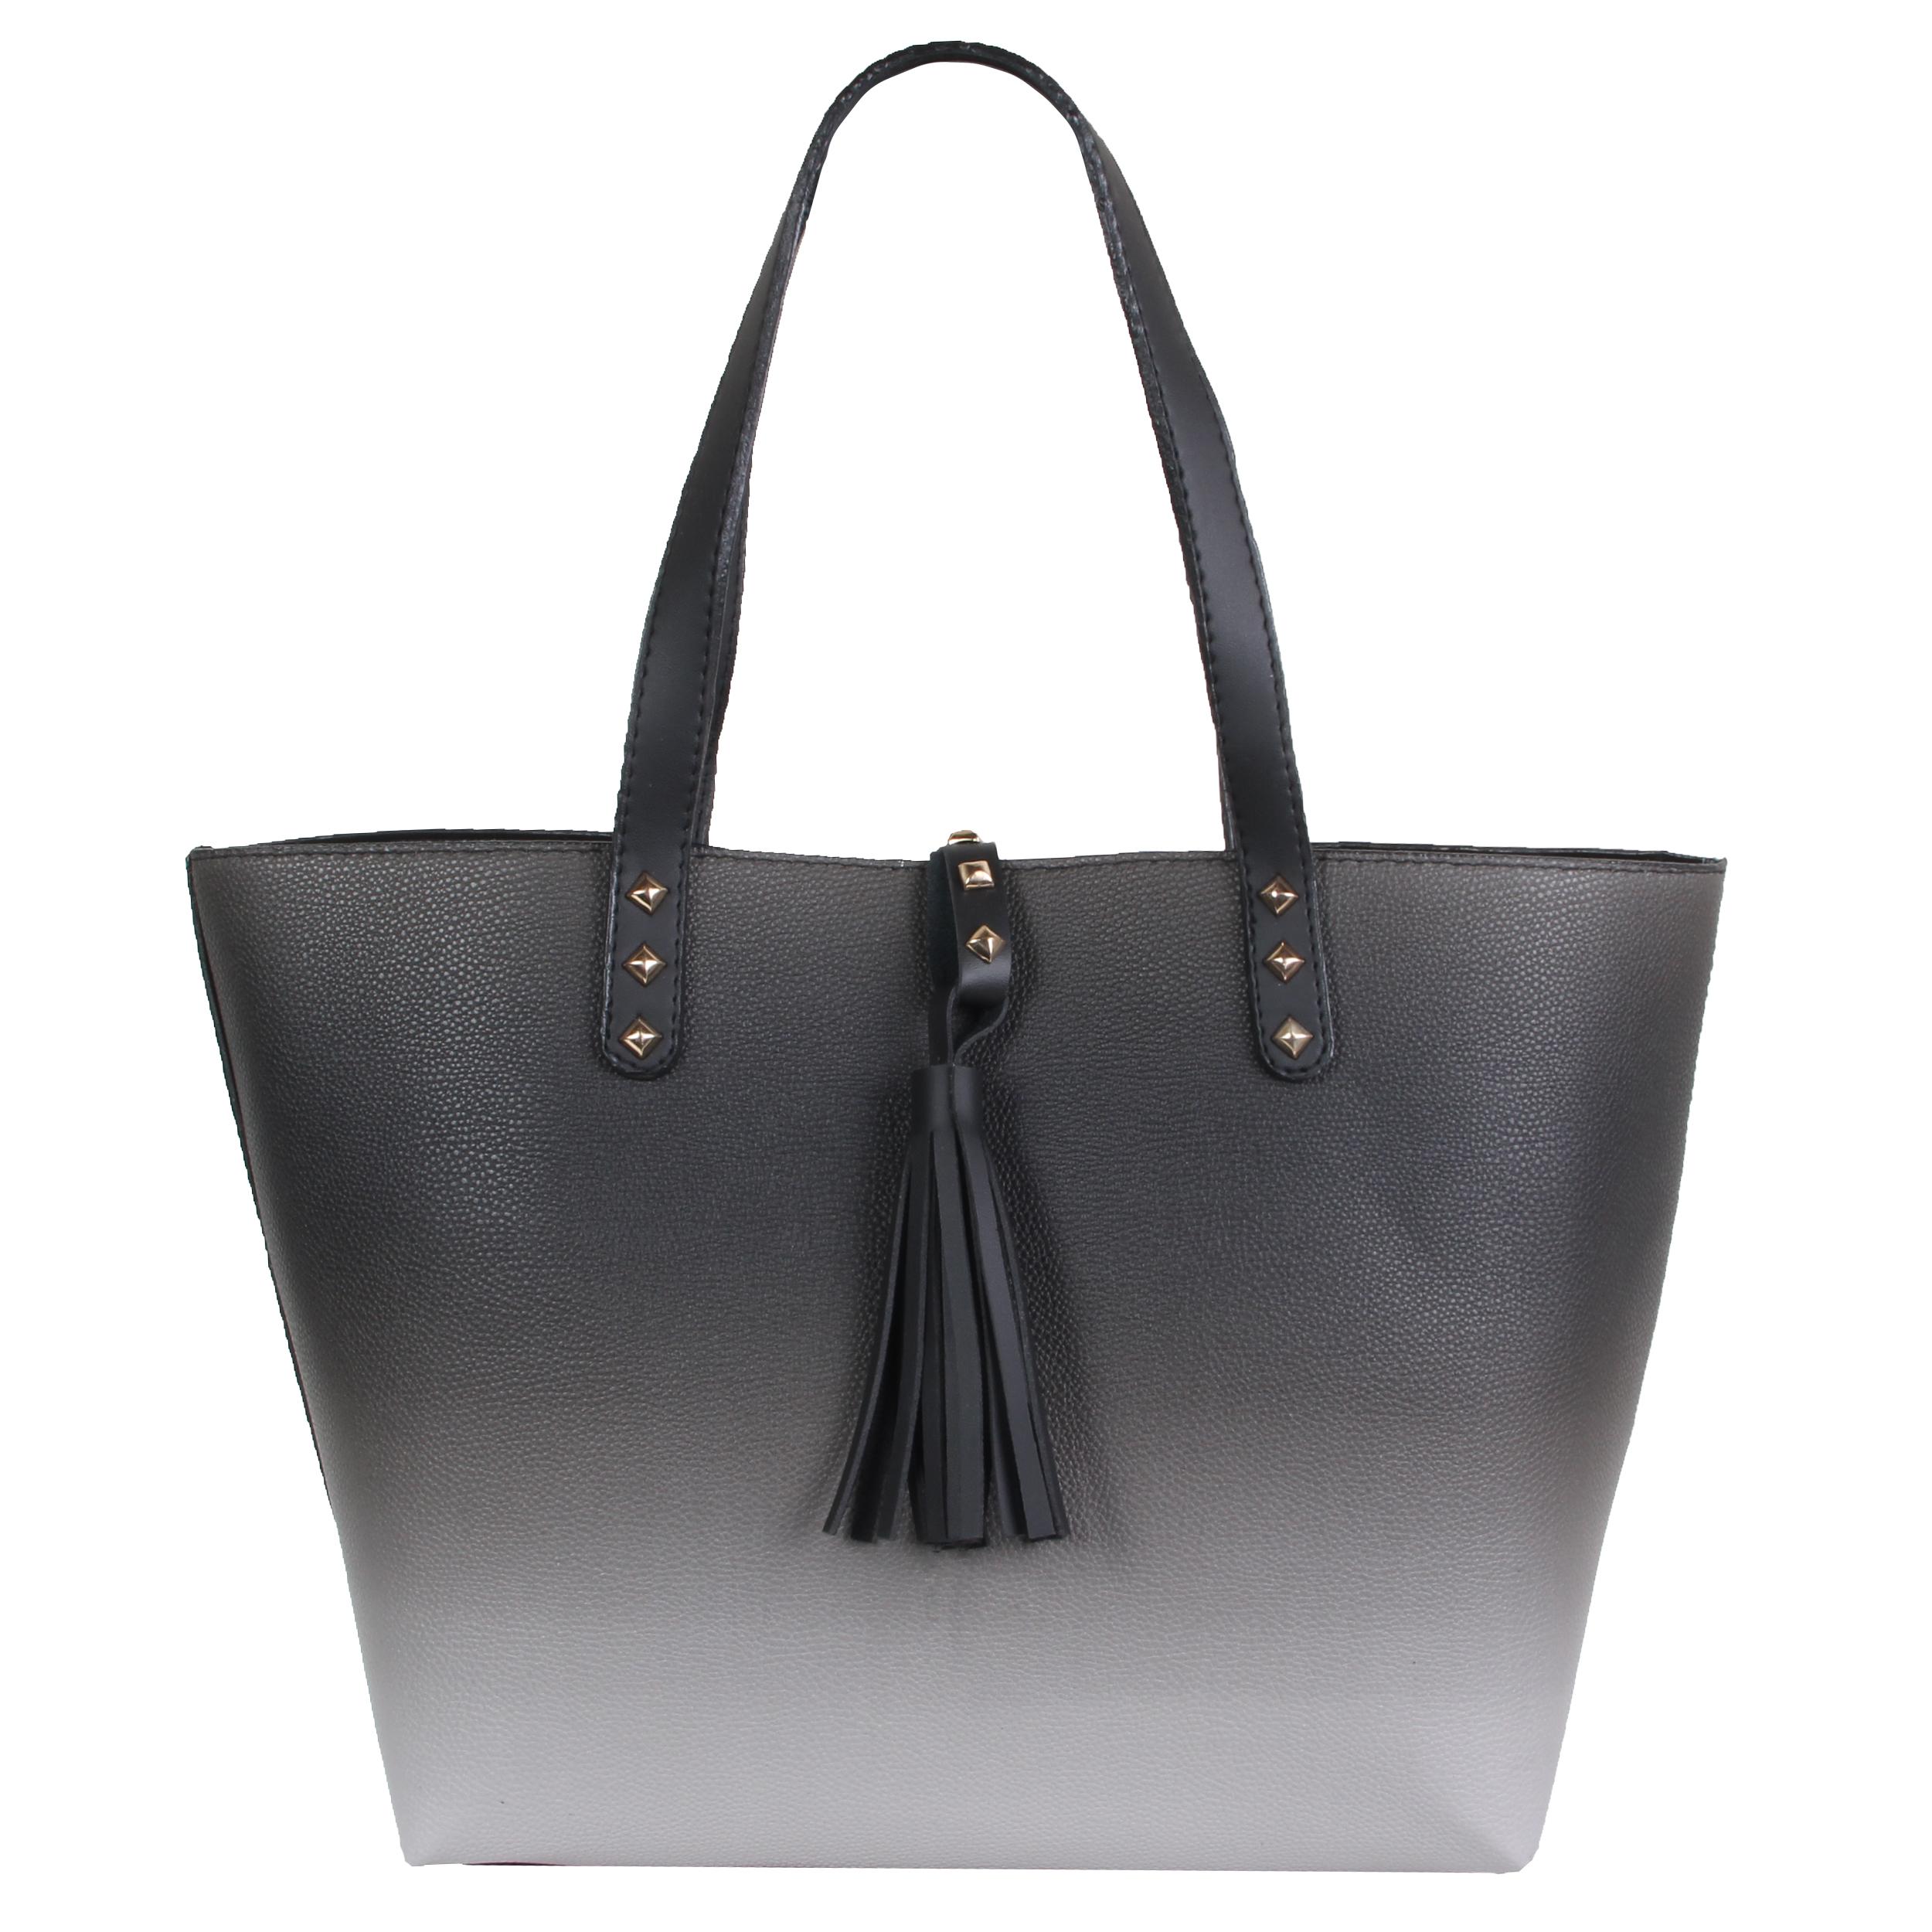 خرید کیف زنانه کد 11620